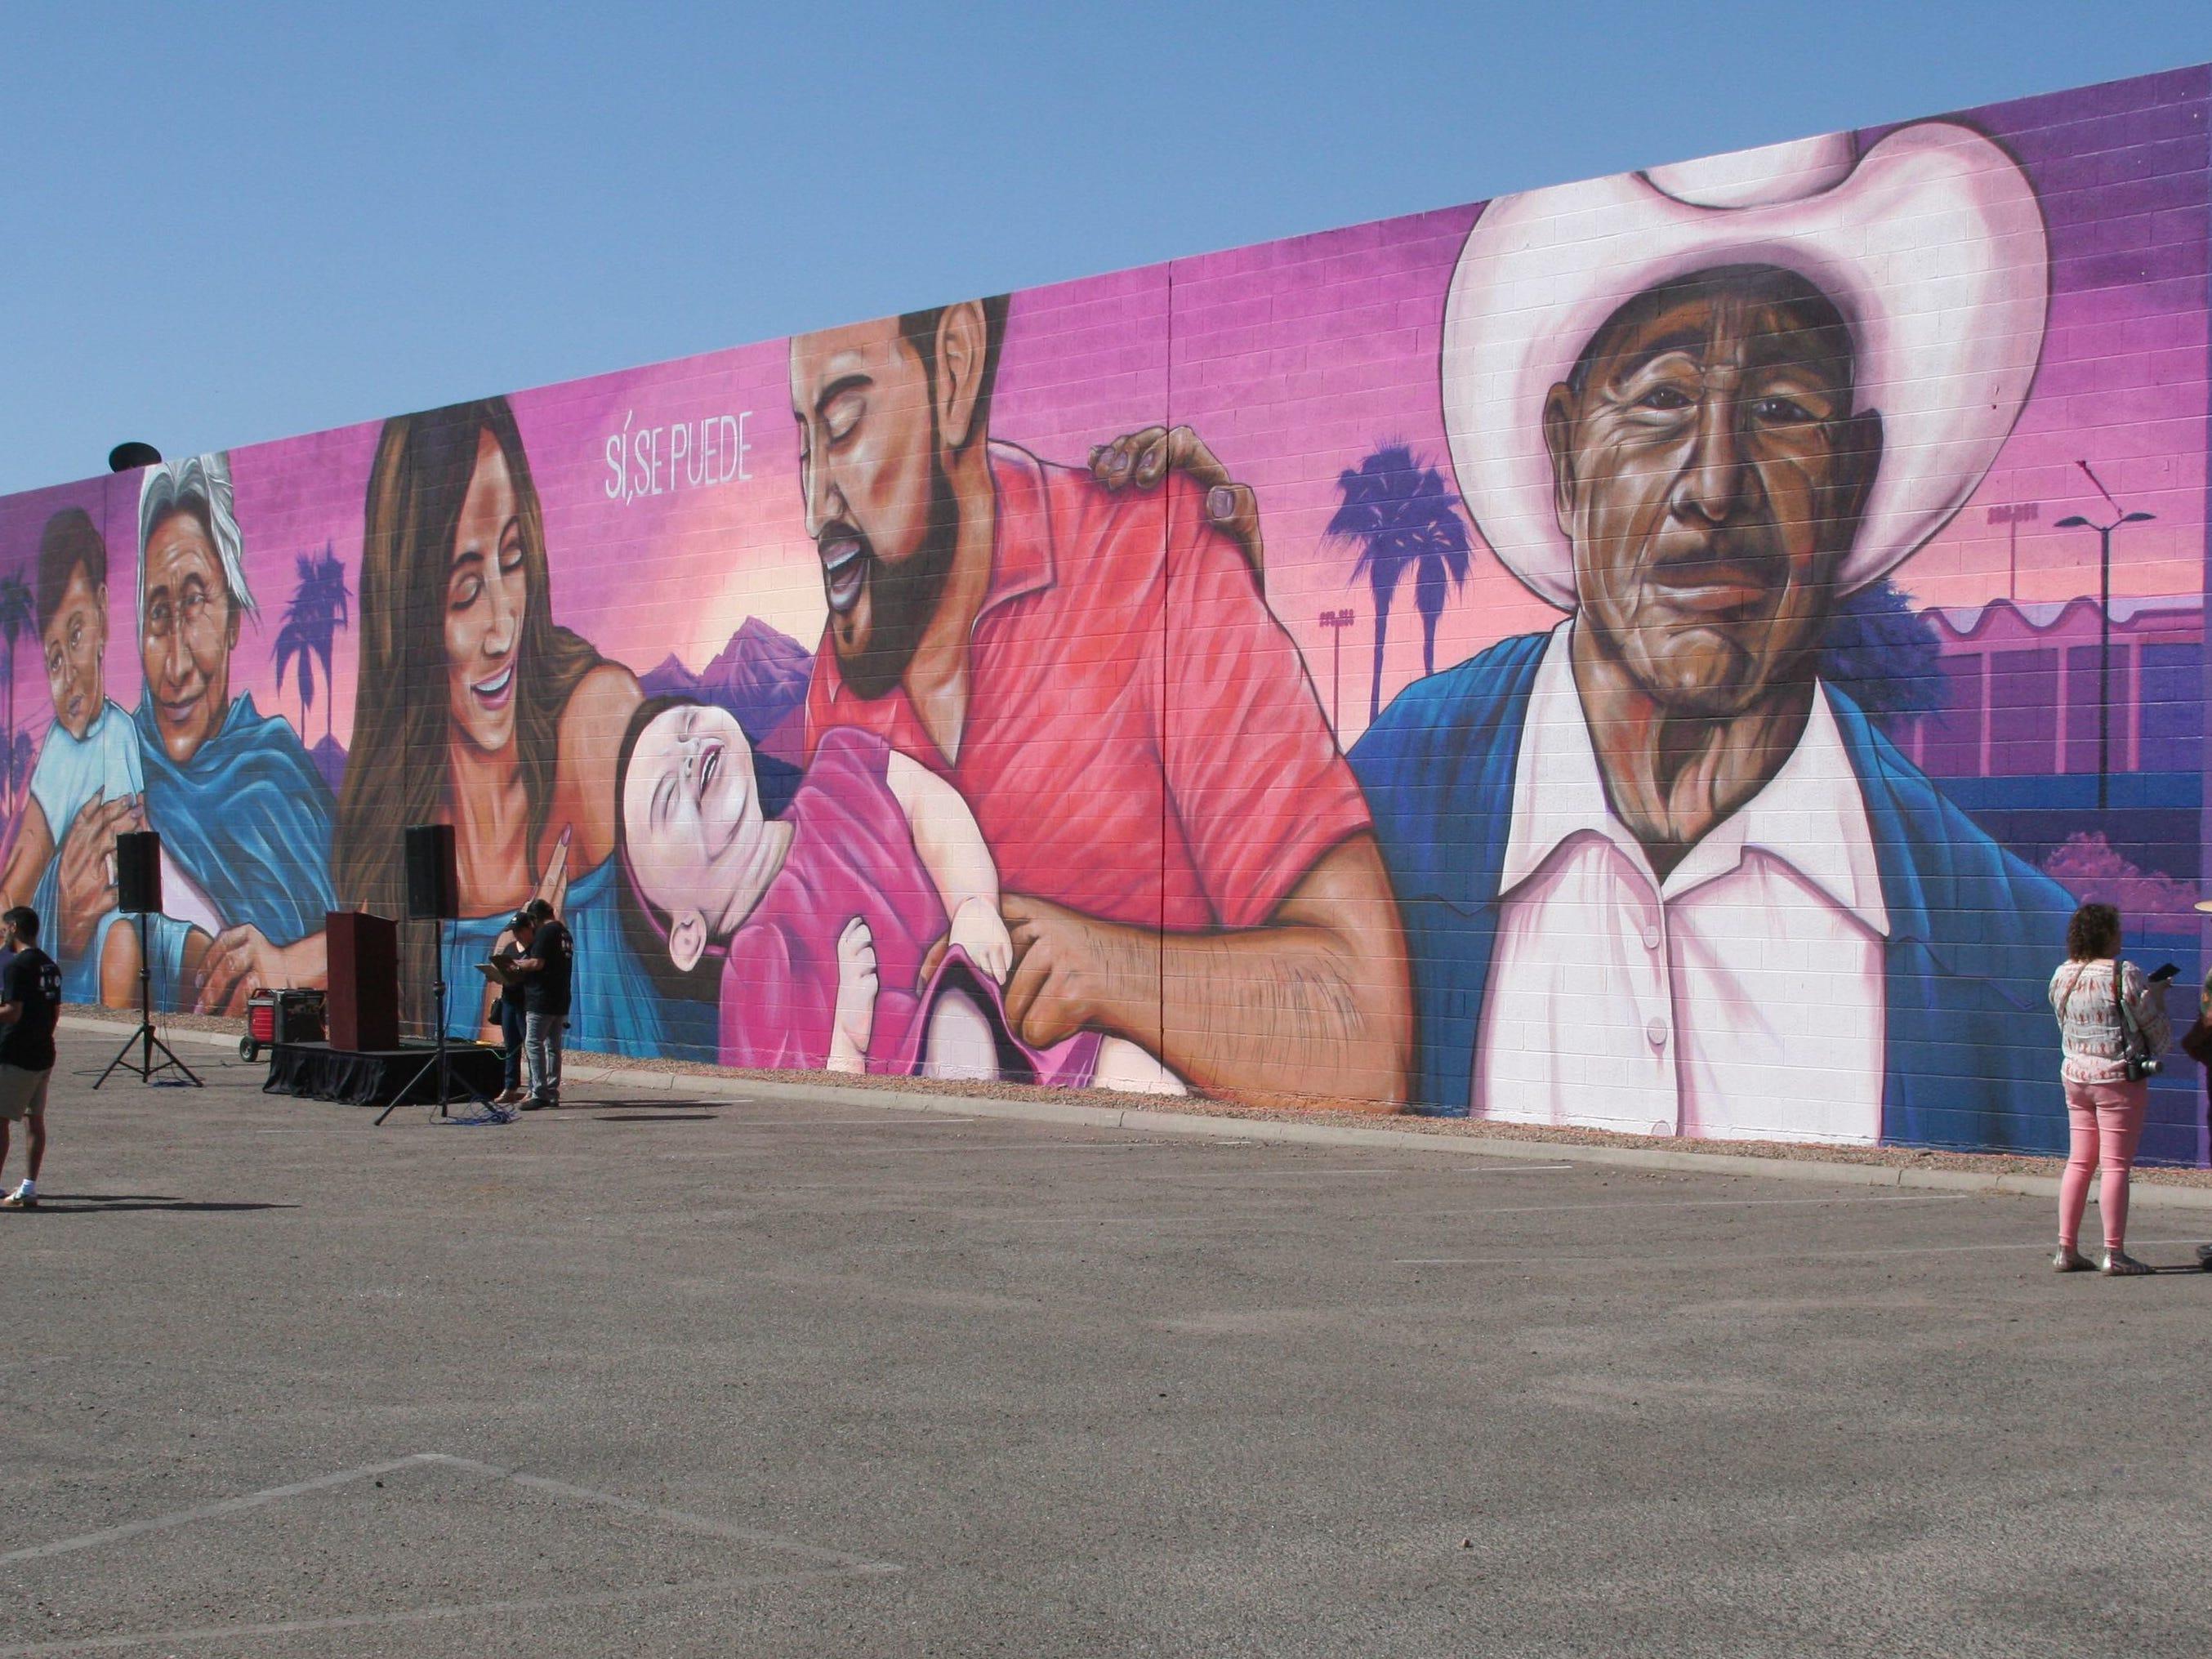 El enorme mural que representa a la gente por la que luchó César Chávez, está ubicado en la plaza comercial de la Avenida 67 y la Indian School.